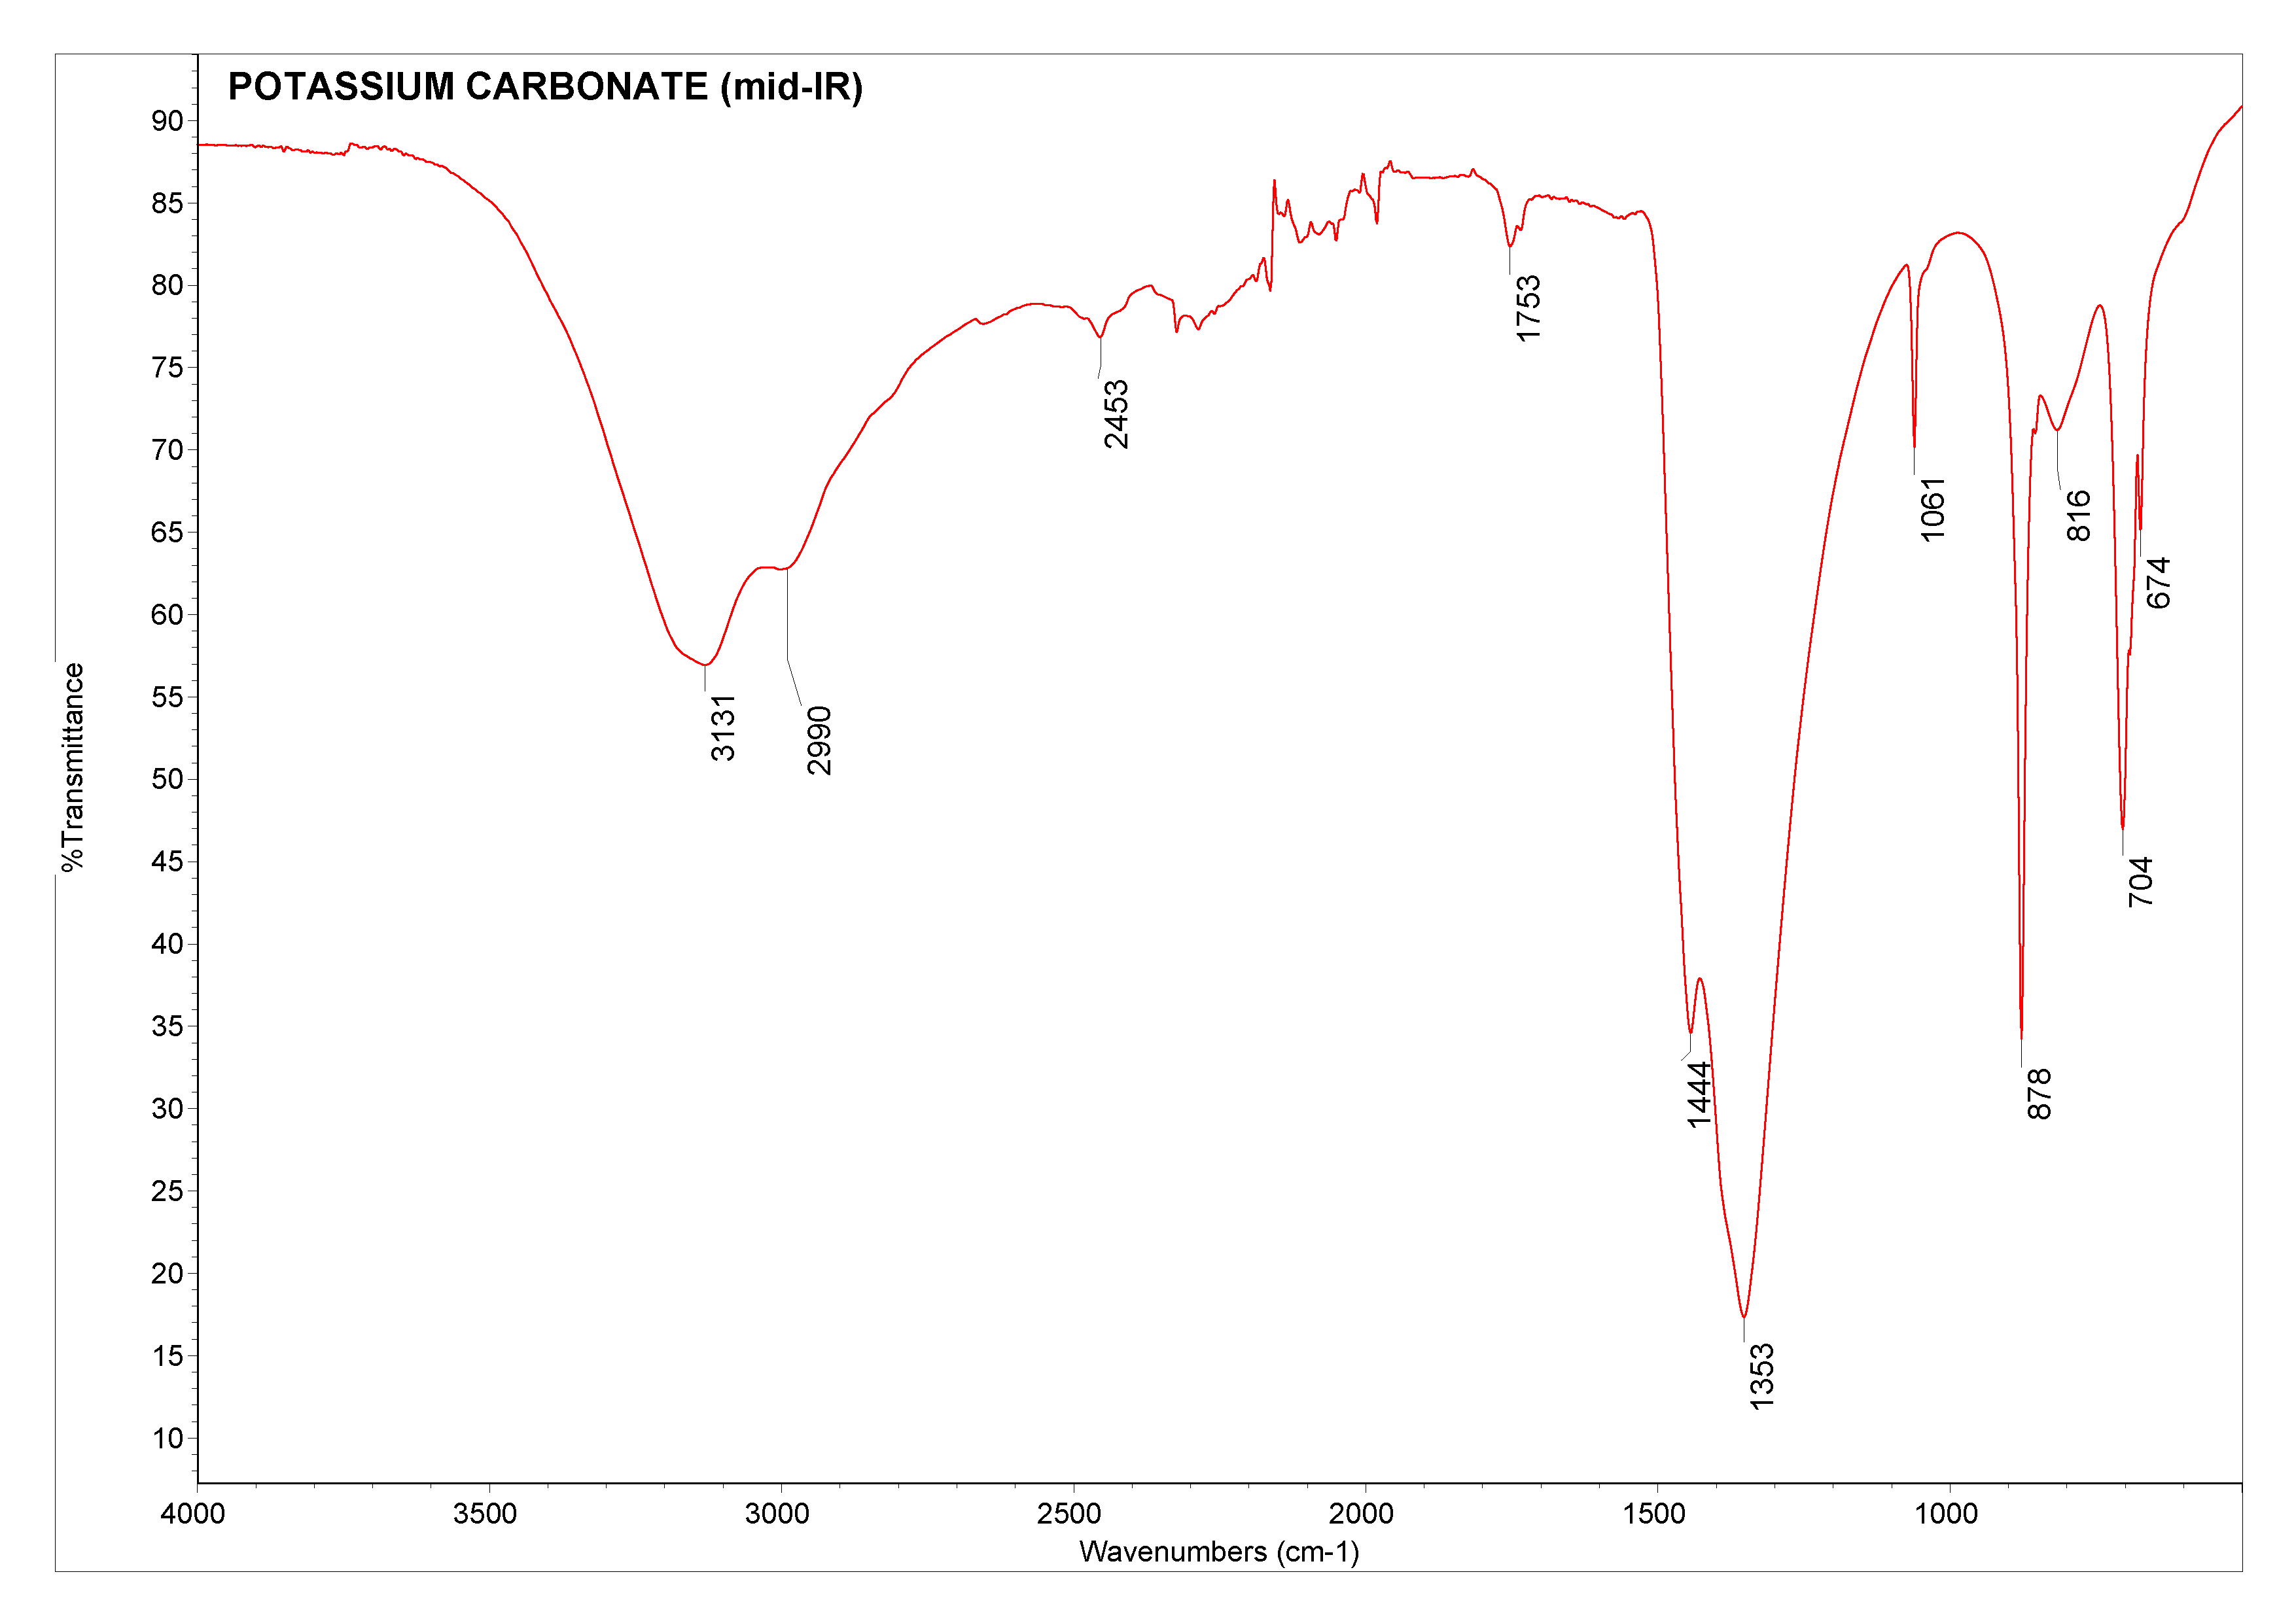 Potassium carbonate (mid-IR)